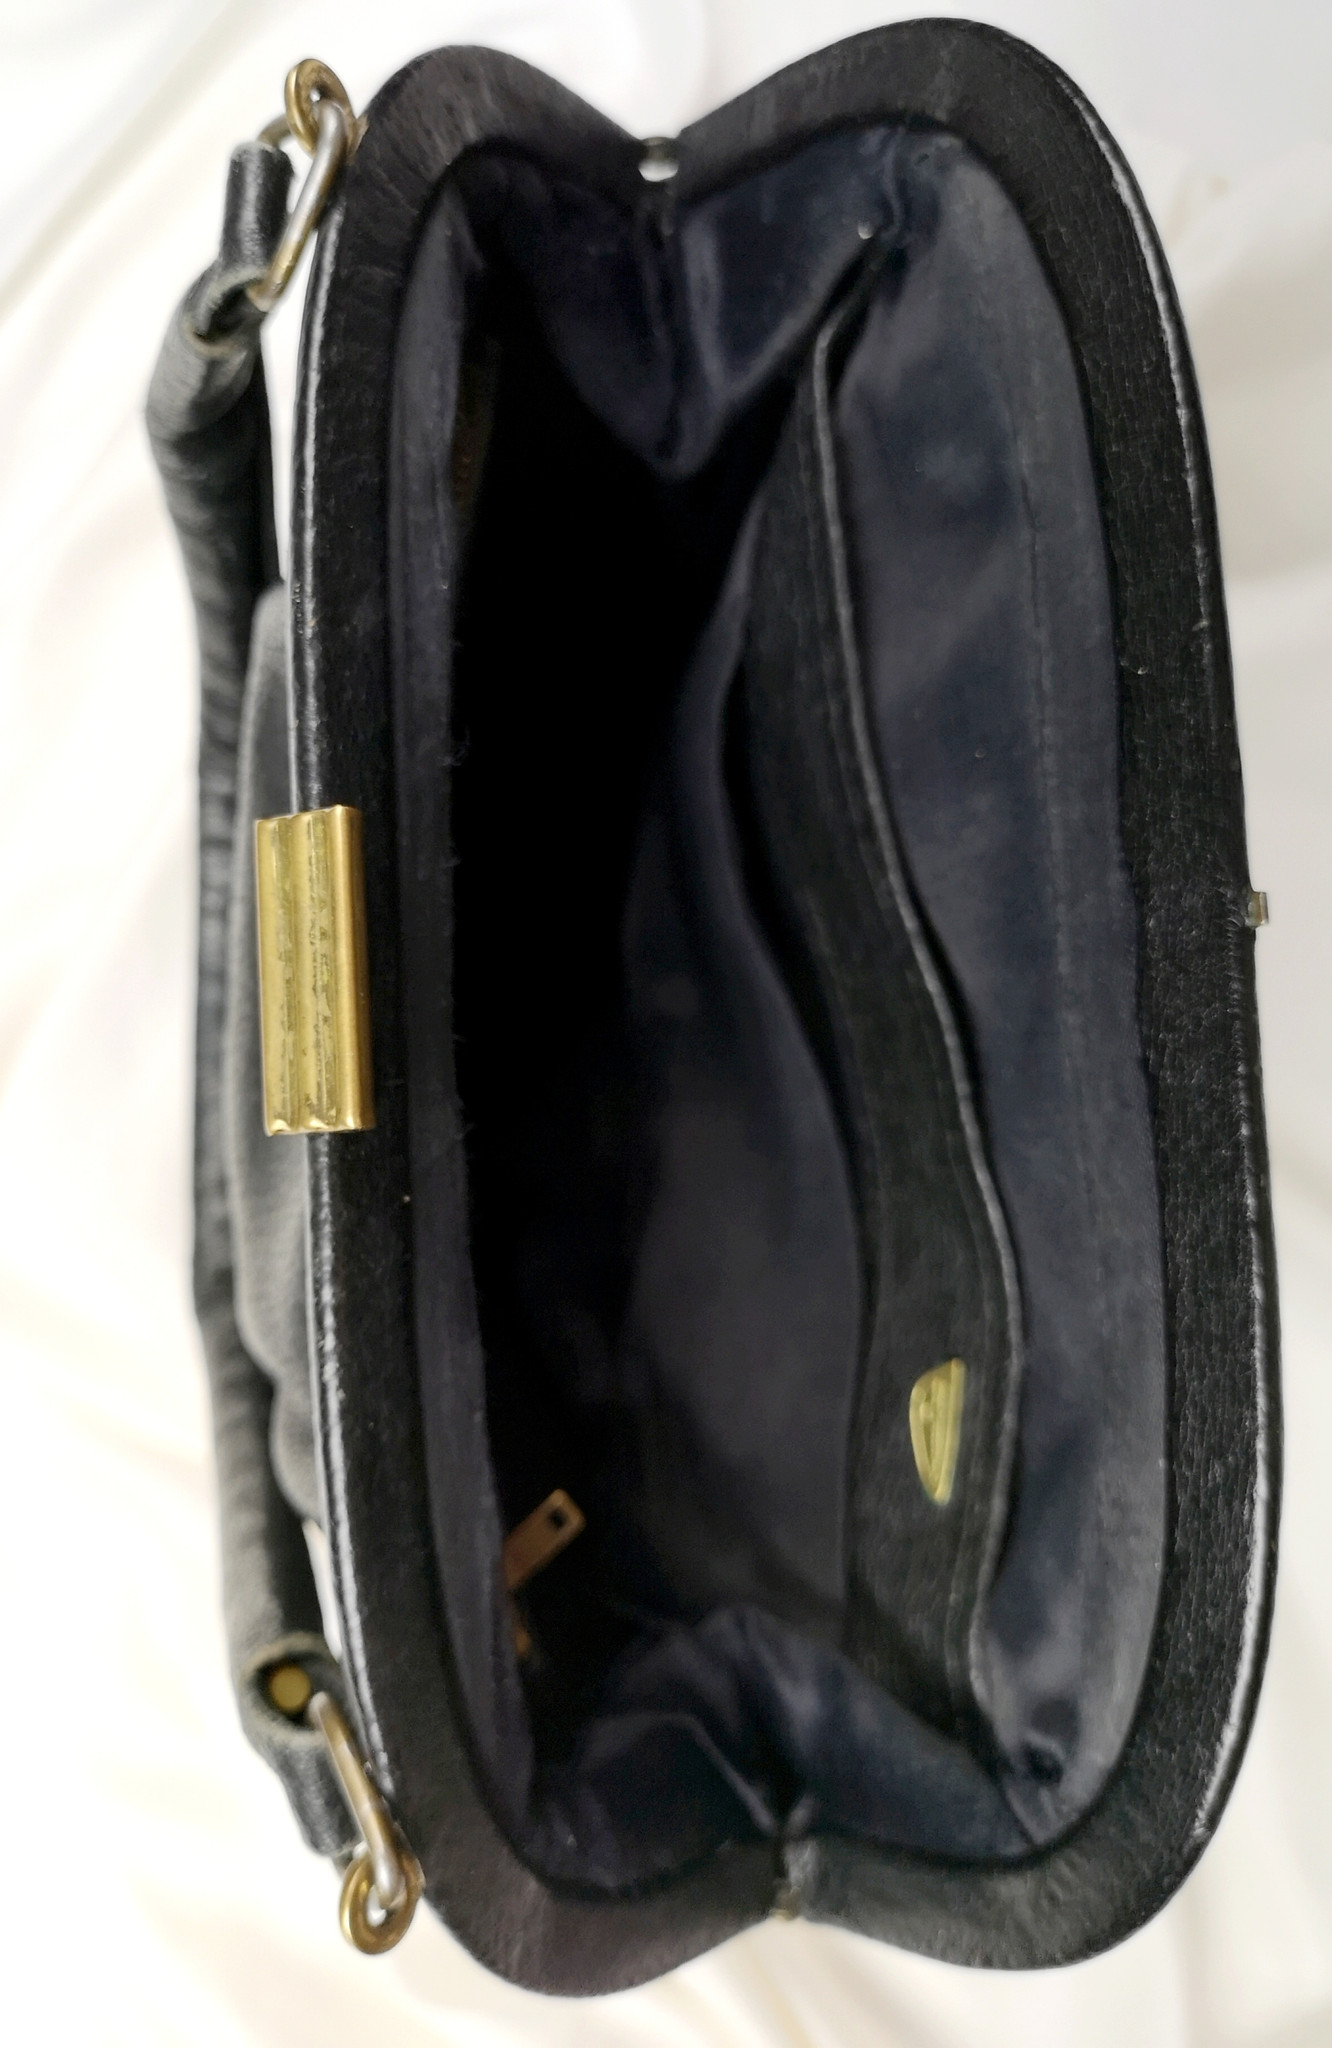 Czarny kuferek z lat 60-tych - KEX Vintage Store | JestemSlow.pl